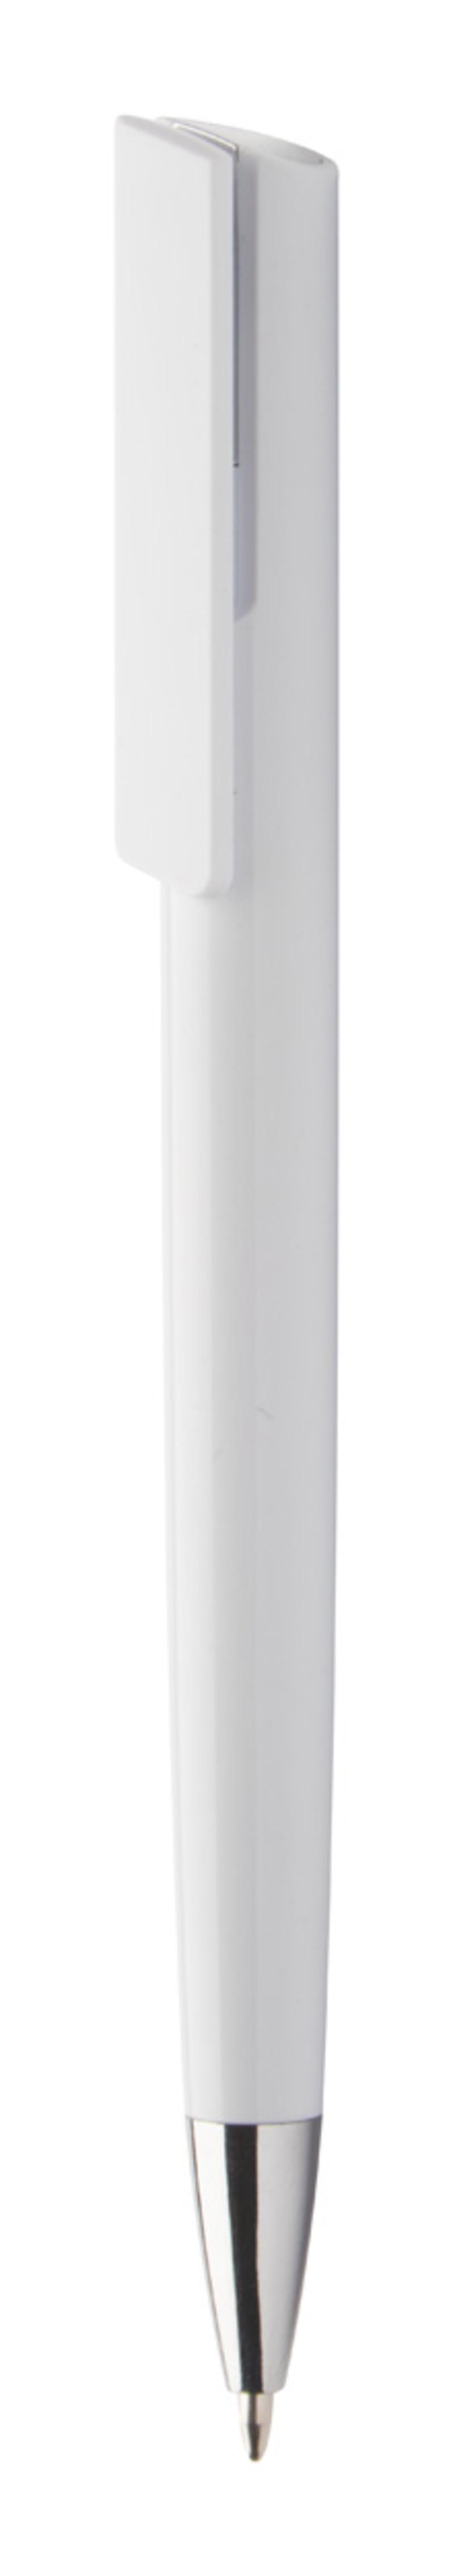 Lelogram ballpoint pen